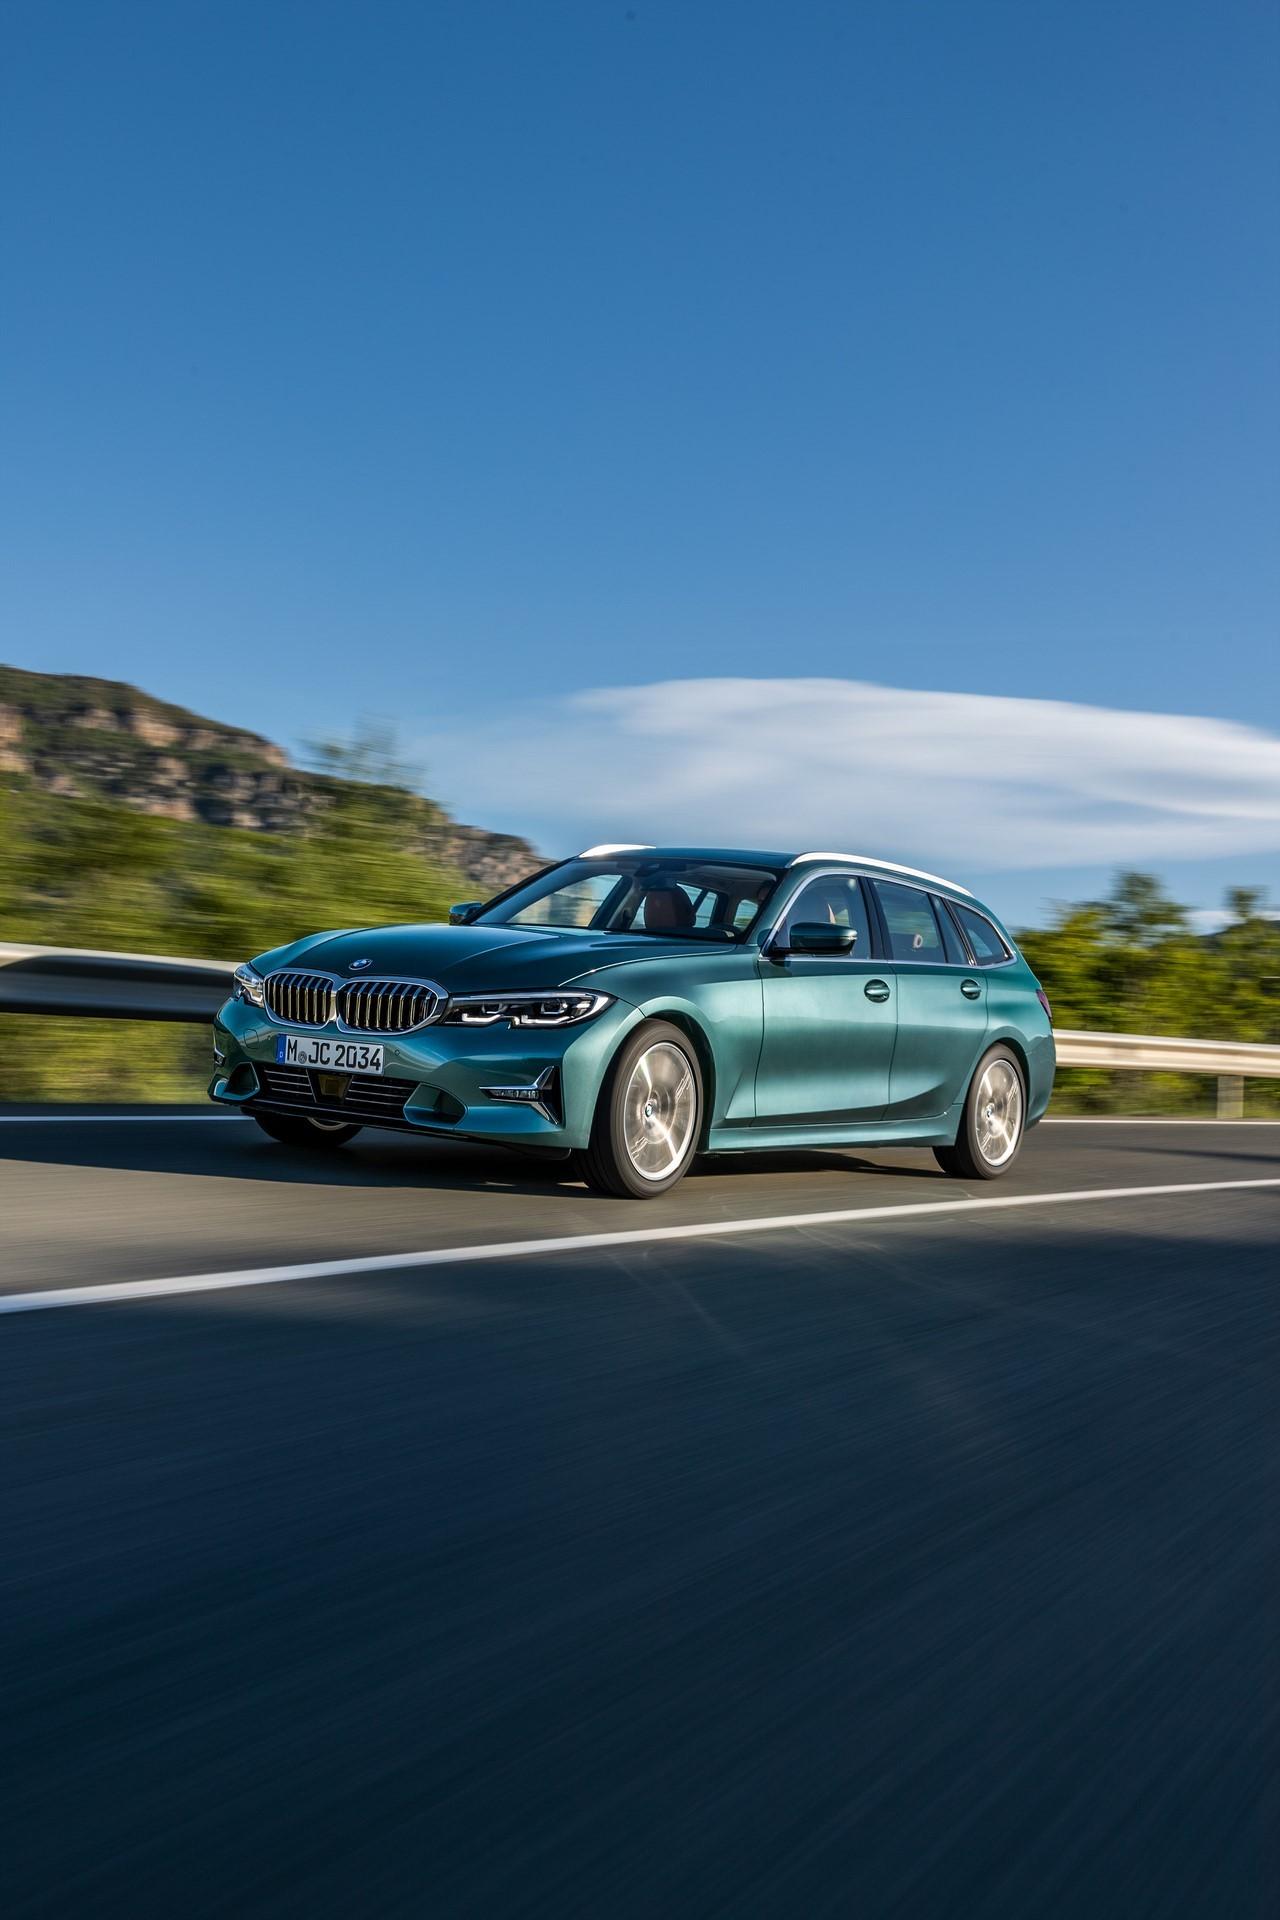 BMW-3-Series-Touring-2019-6